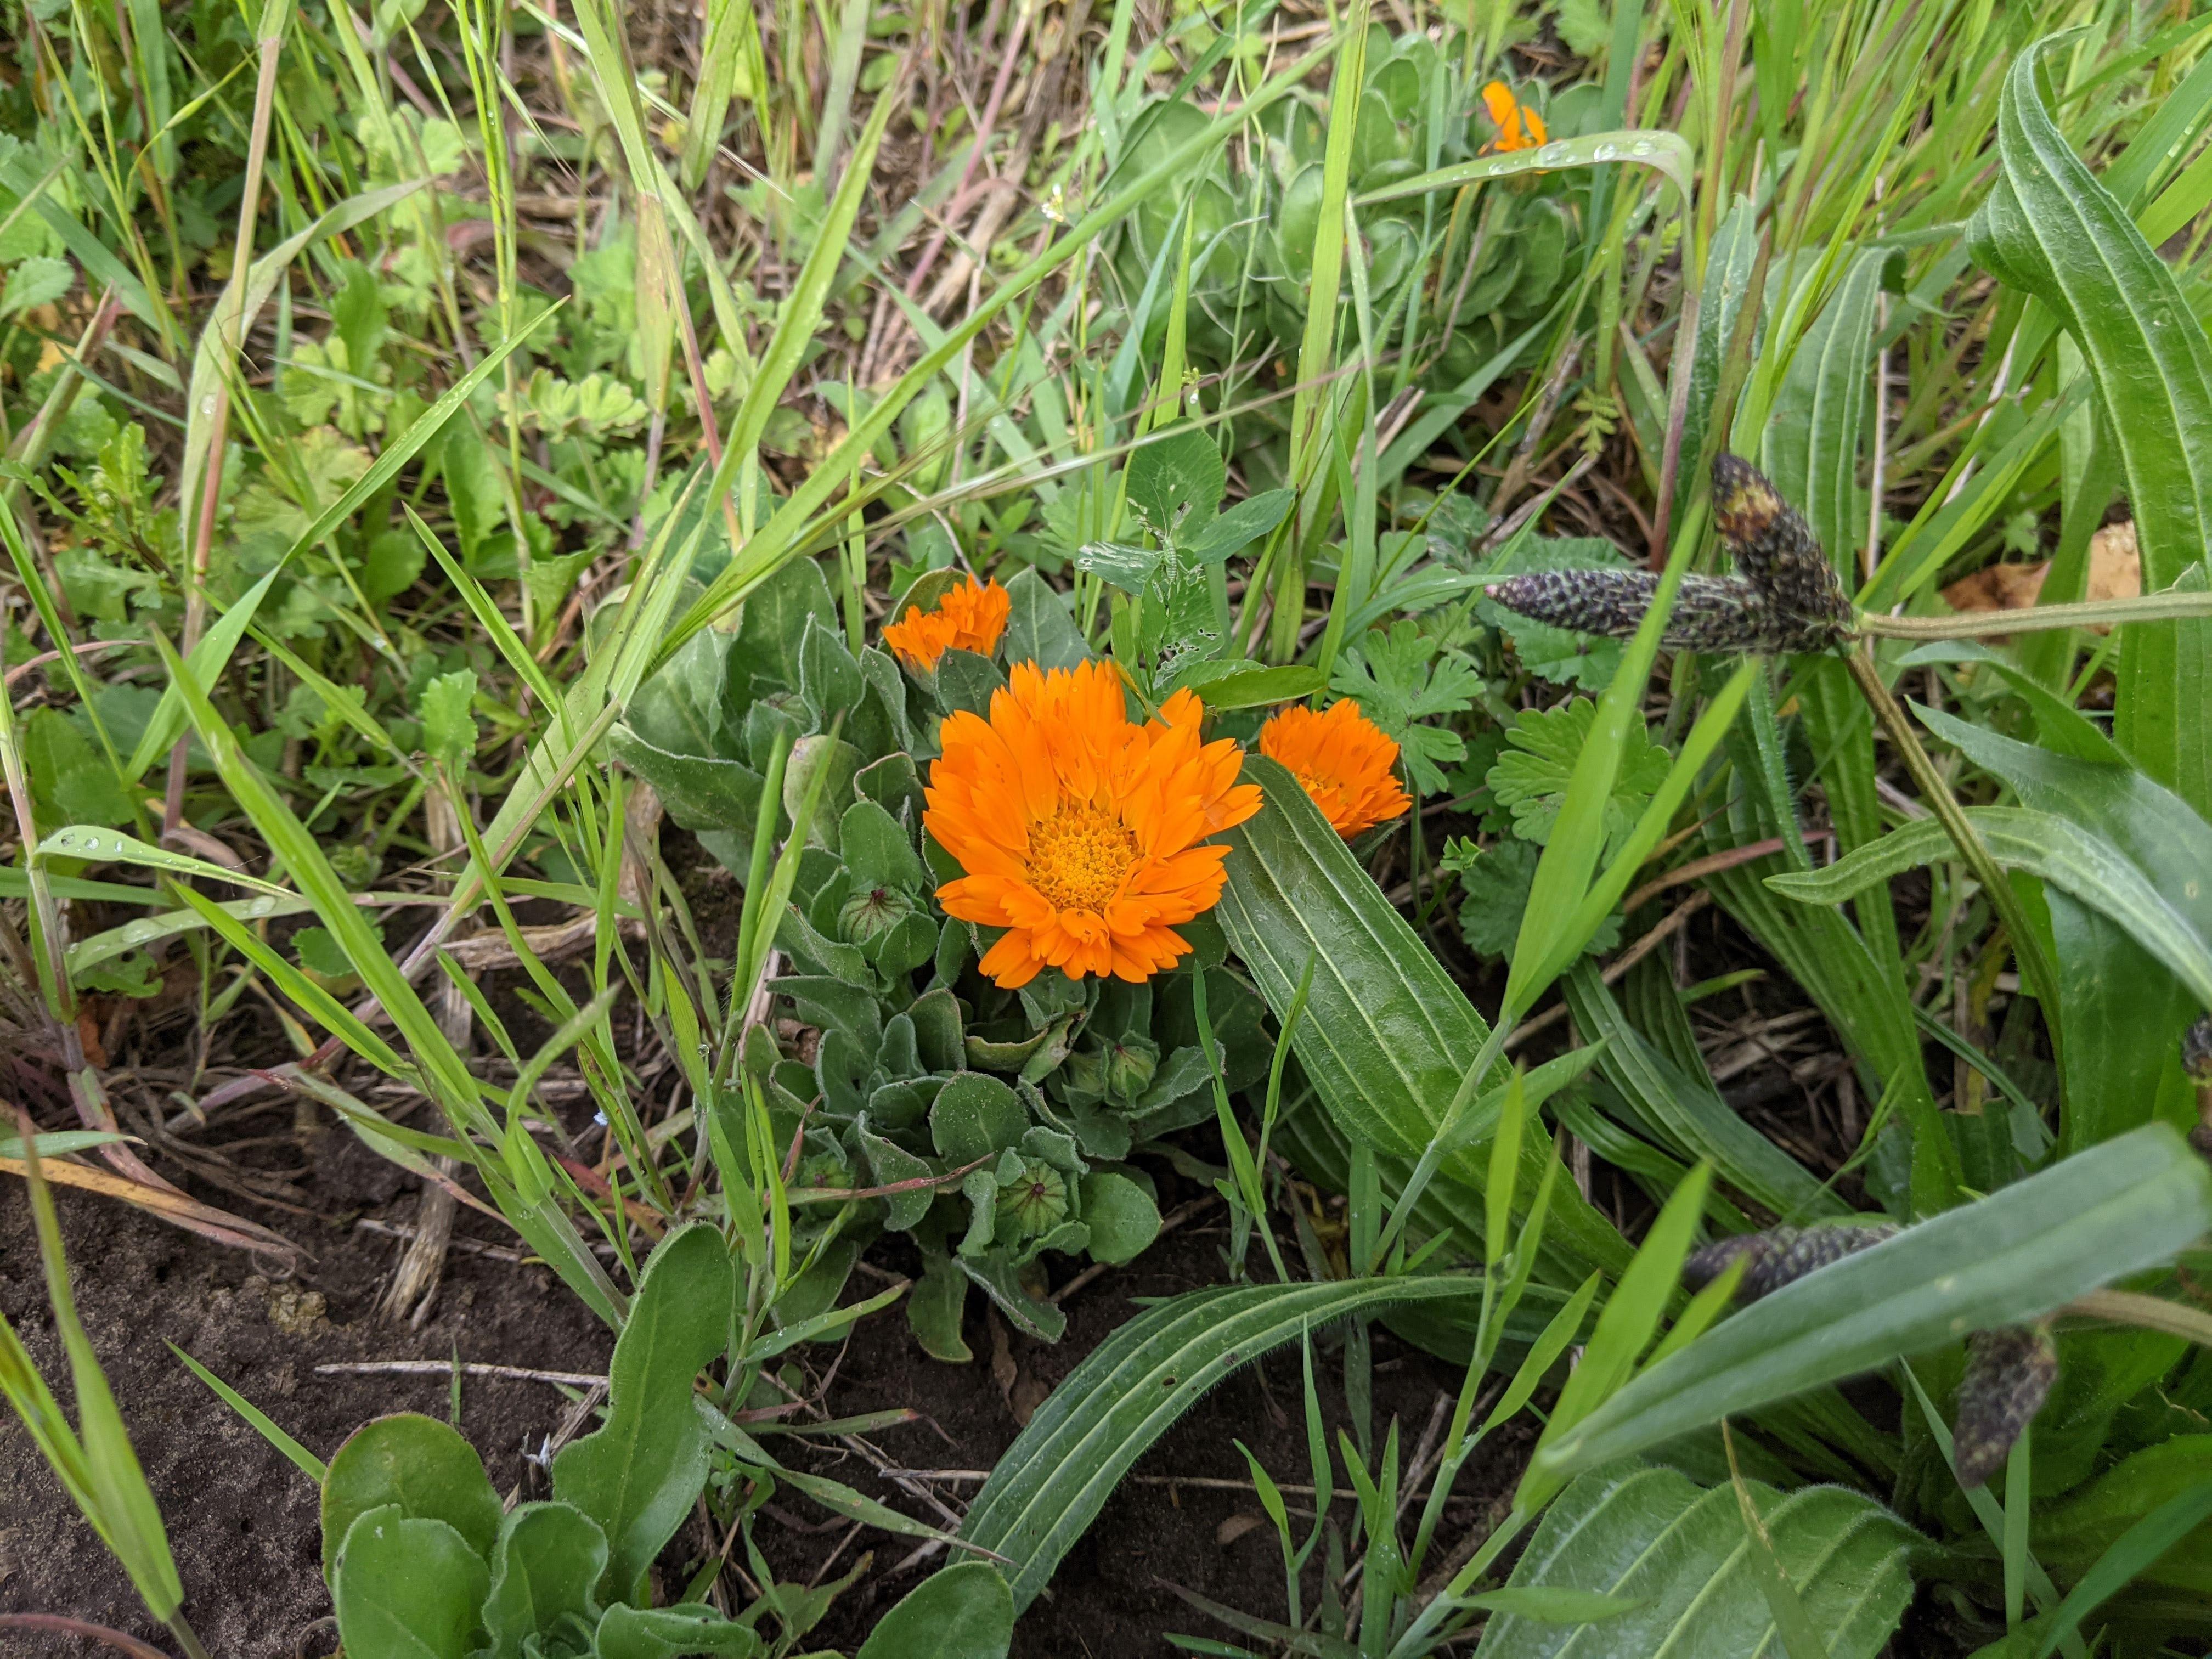 Garten-Ringelblume im BienenBuffet am 15.05.2021